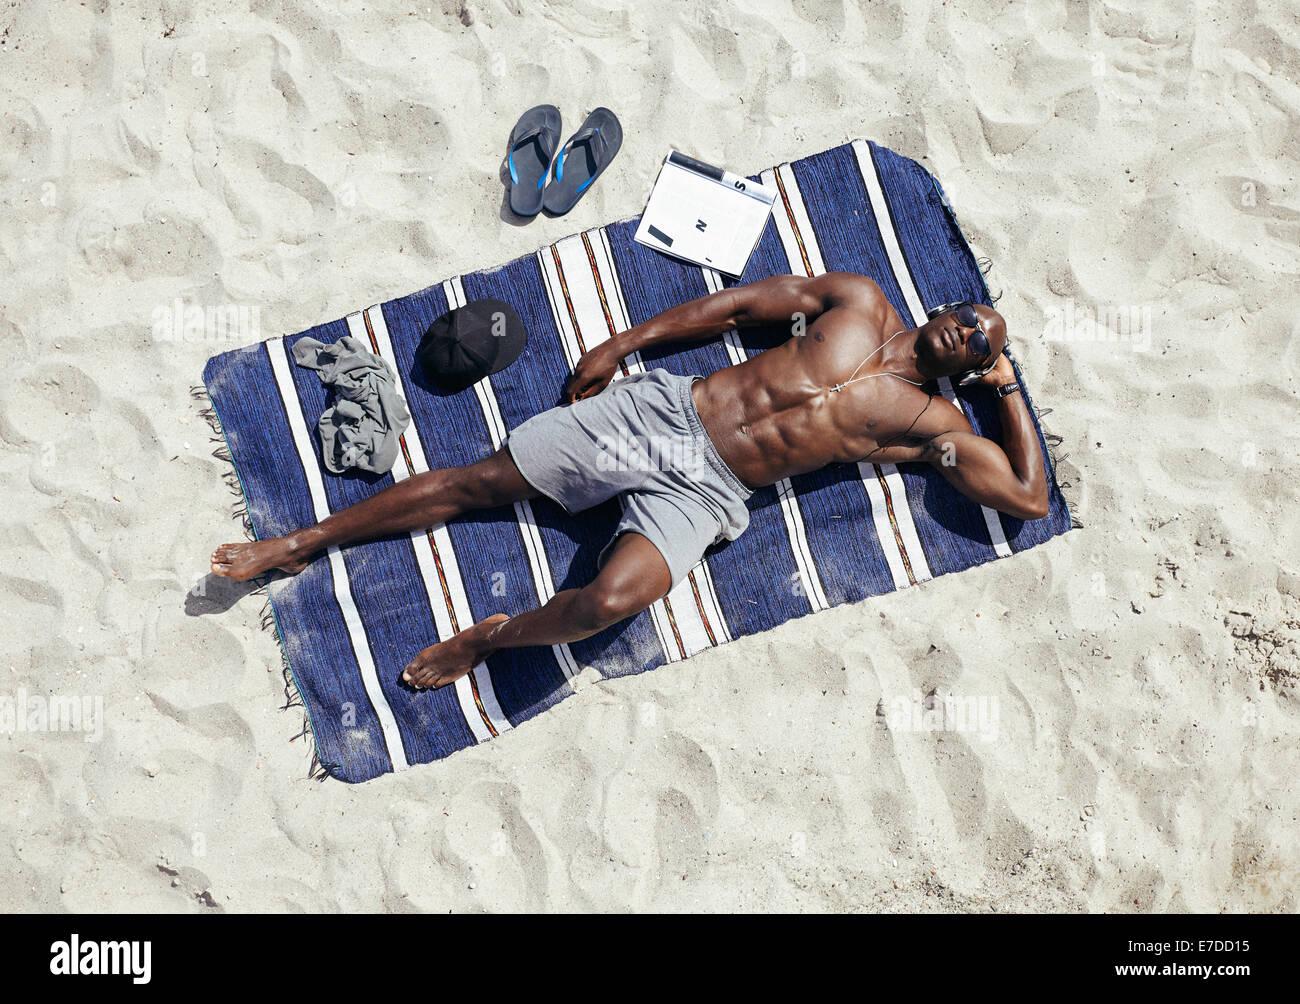 Draufsicht der muskulösen jungen Mann Sonnenbaden am Strand. Afrikanischer Mann das Tragen von Sonnenbrillen Stockbild